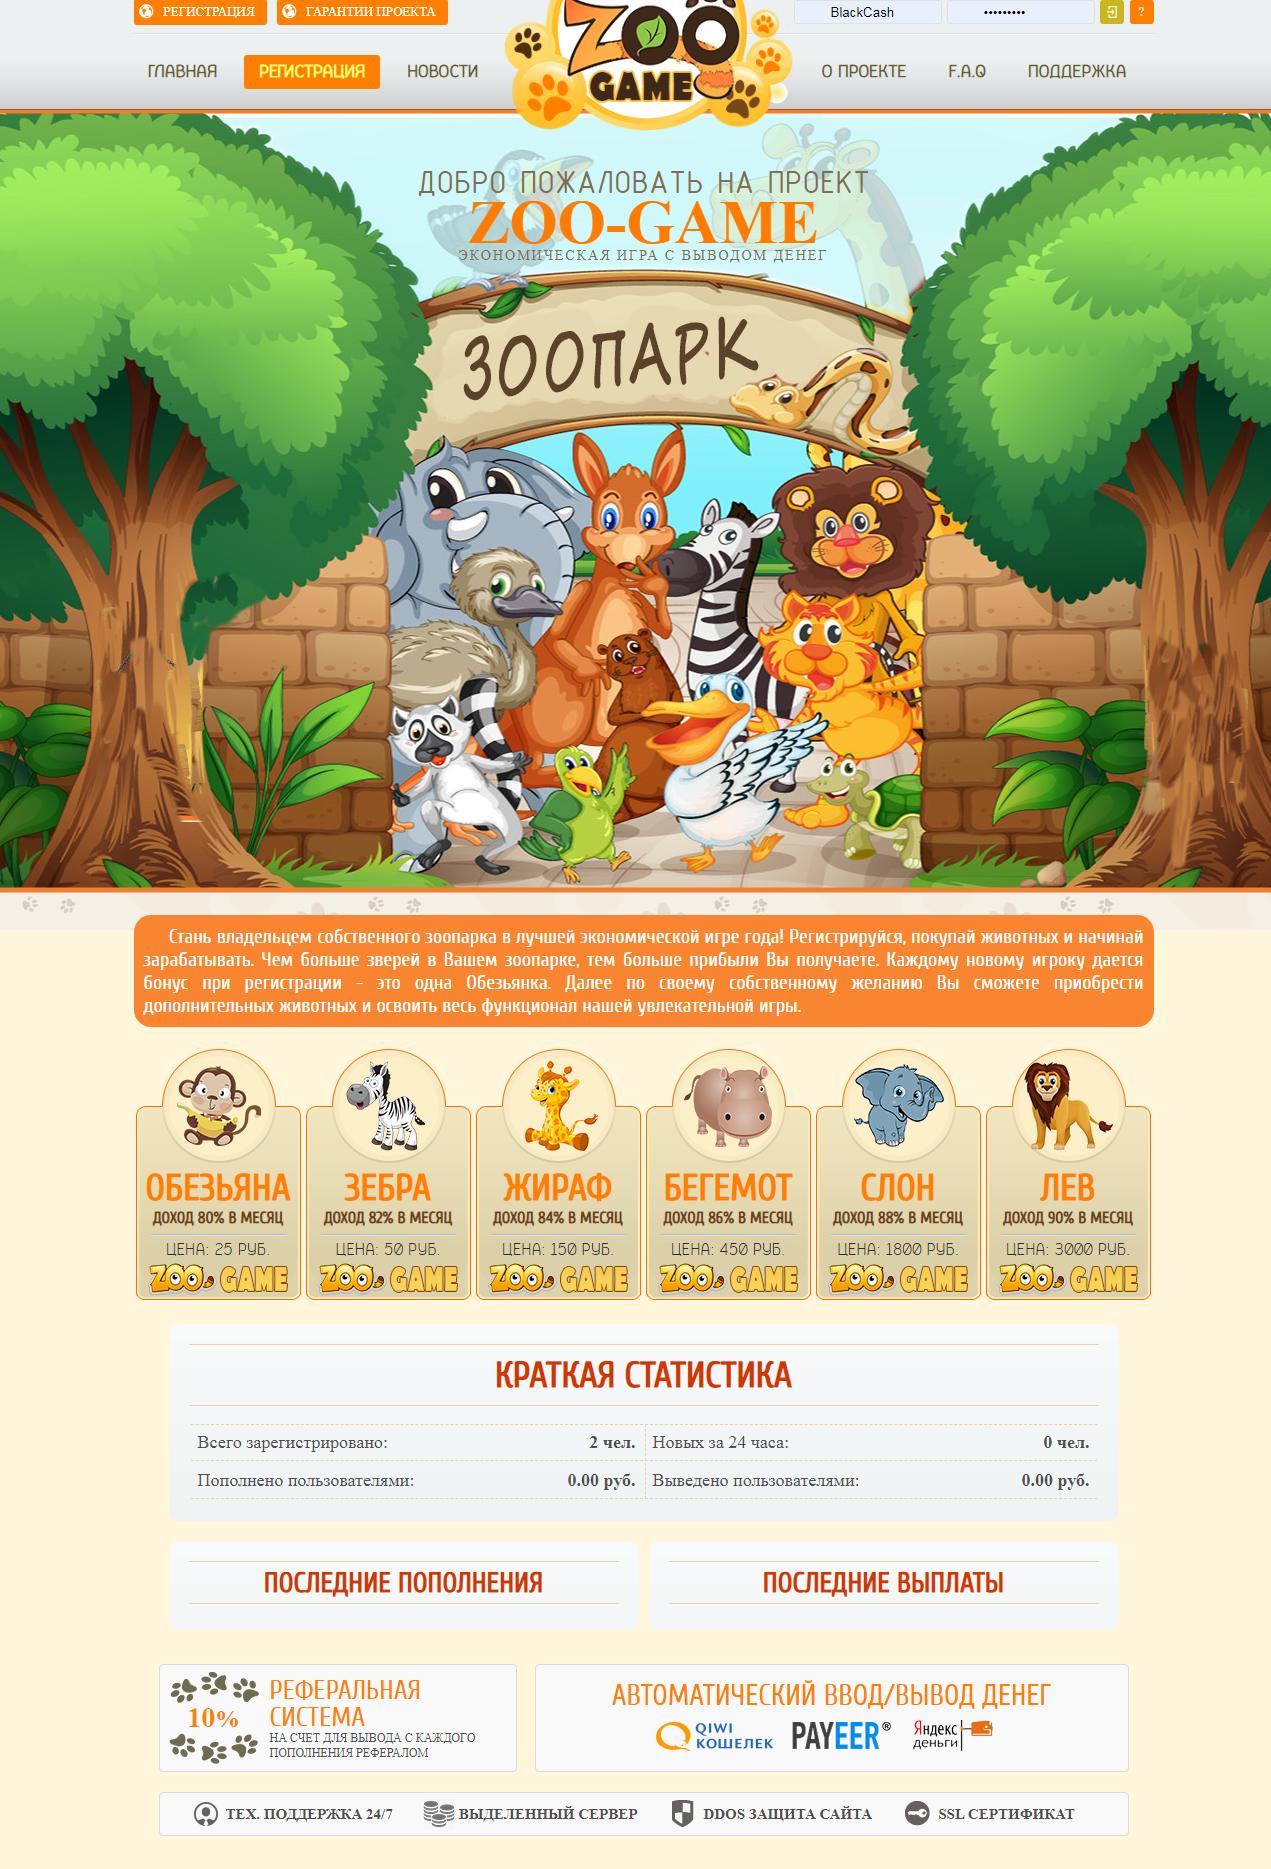 Скрипт экономической онлайн игры Zoo-Game